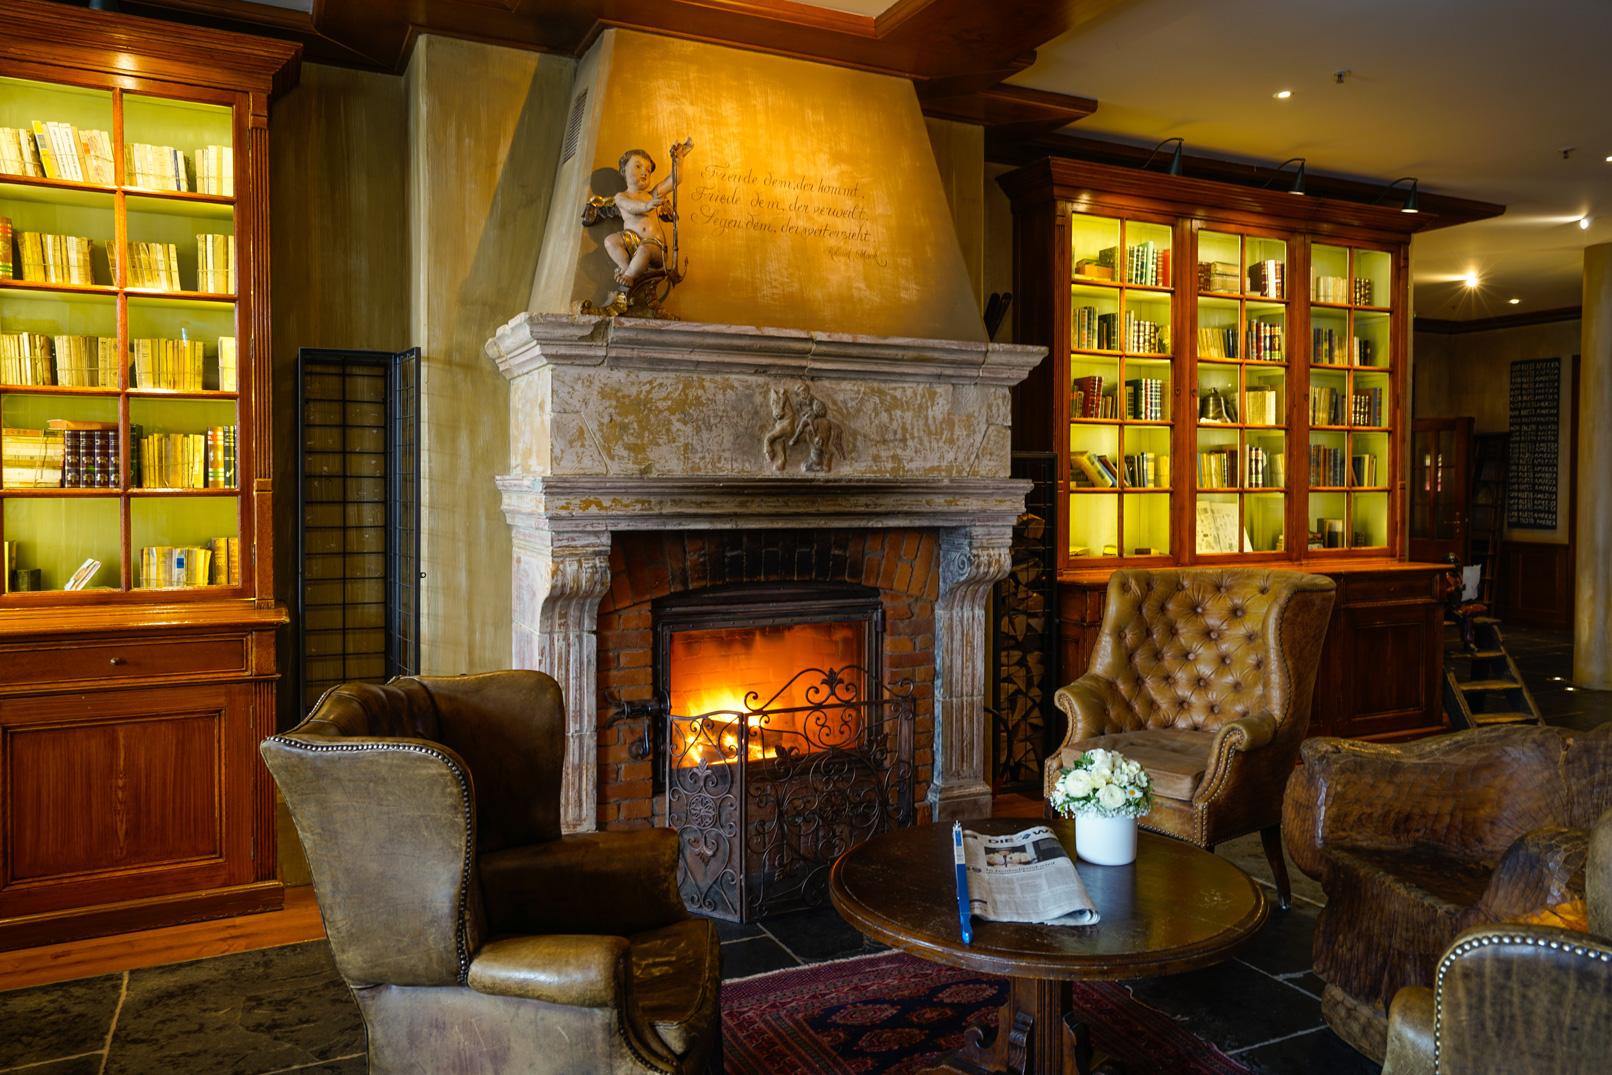 Foto einer Hotelszene mit Kamin, Bücherregal und Sessel